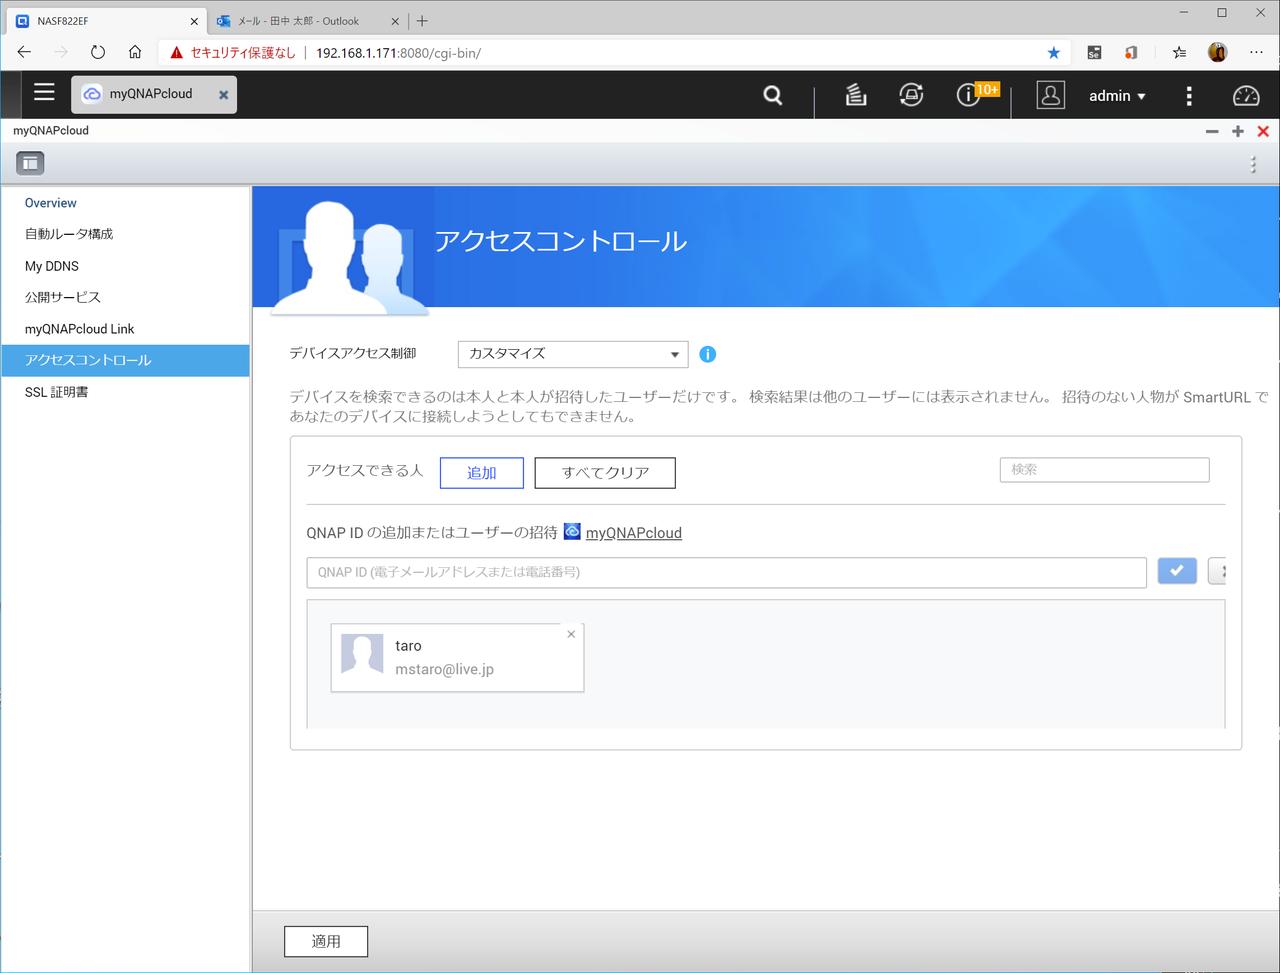 カスタマイズの場合は、アクセスを許可したい外部ユーザーを後から追加できる